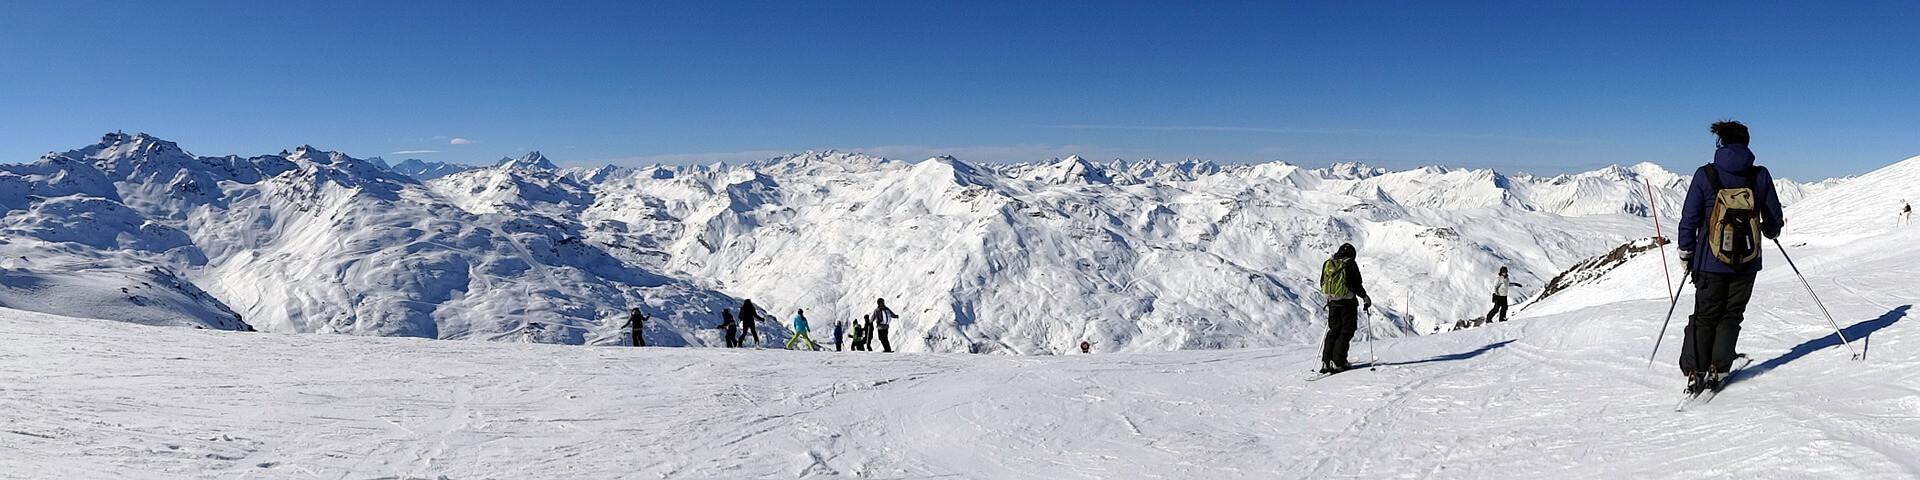 Helmkamera Ski fahren